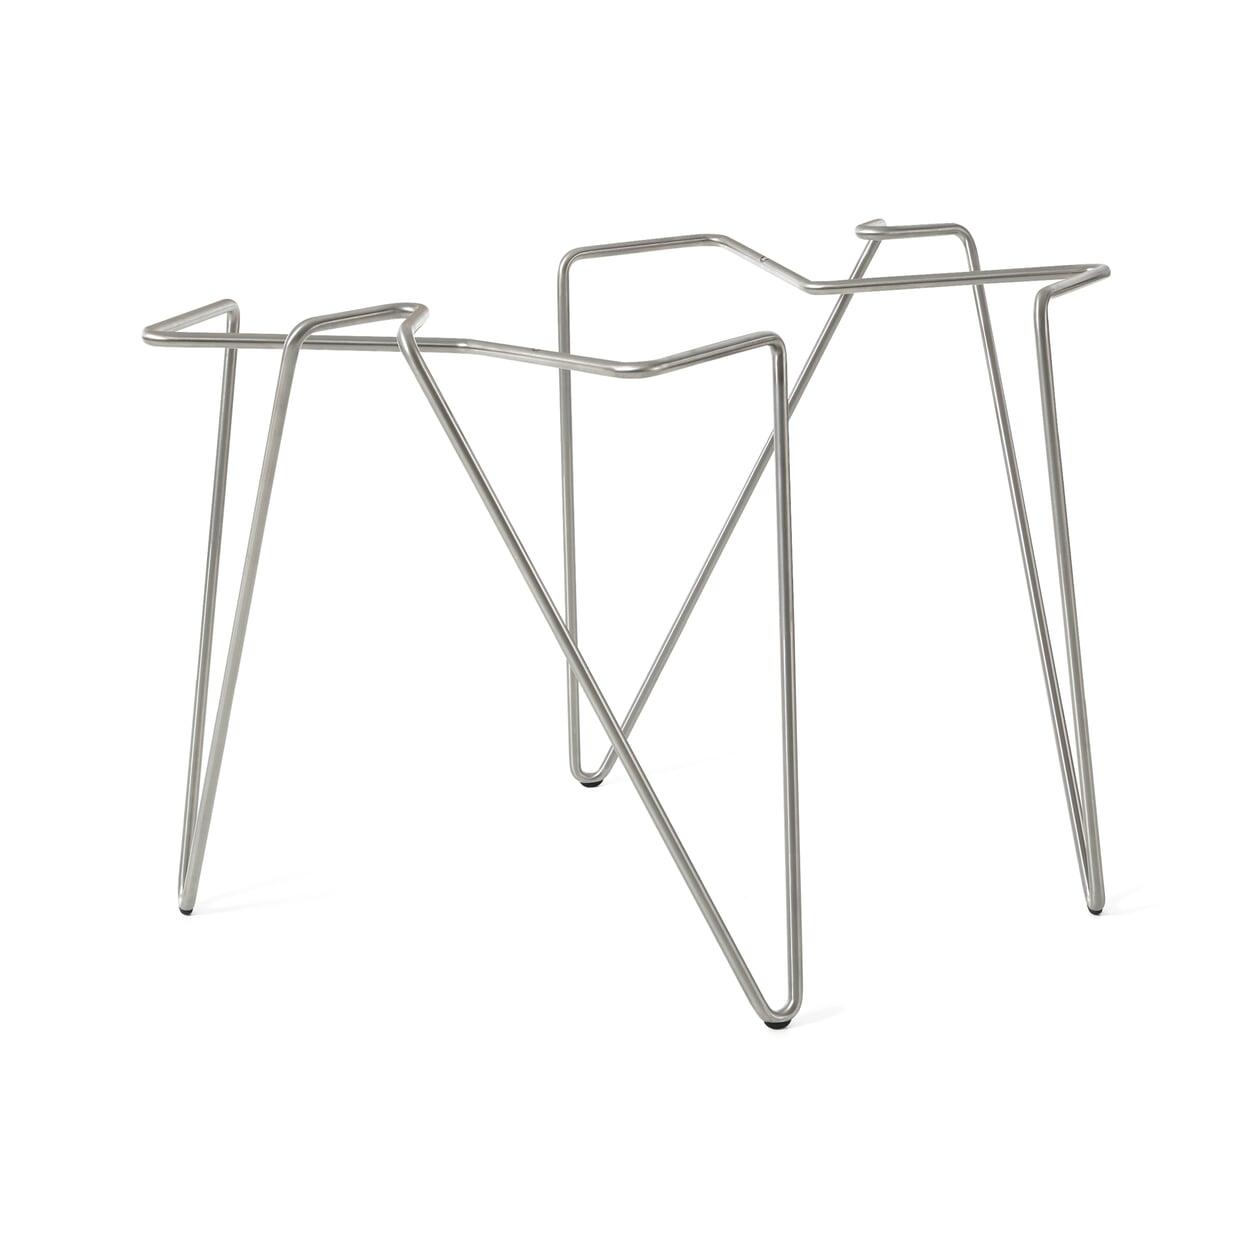 Tischbeinklammer (2 Stück)